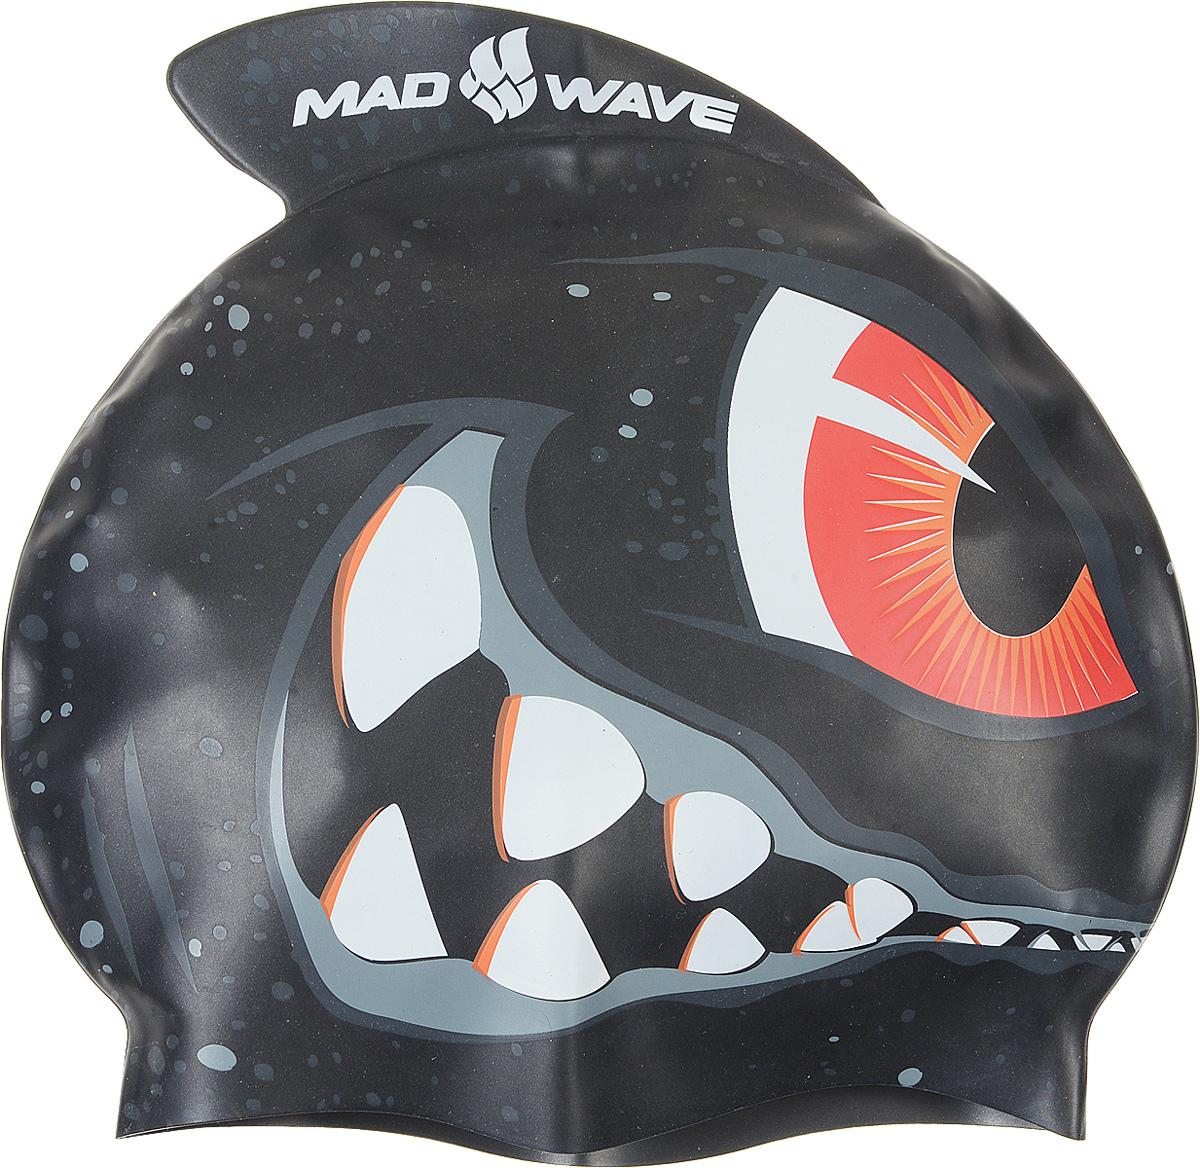 Детская шапочка для плавания MadWave Shark, силиконоваяM0542 02 0 00WДетская силиконовая шапочка MadWave Shark c рисунком в виде монстра на боковой части и плавником, который был создан нашими дизайнерами специально для этой серии. Данная шапочка особенно подойдёт юным спортсменам, которые уверенны в себе на все 100%.